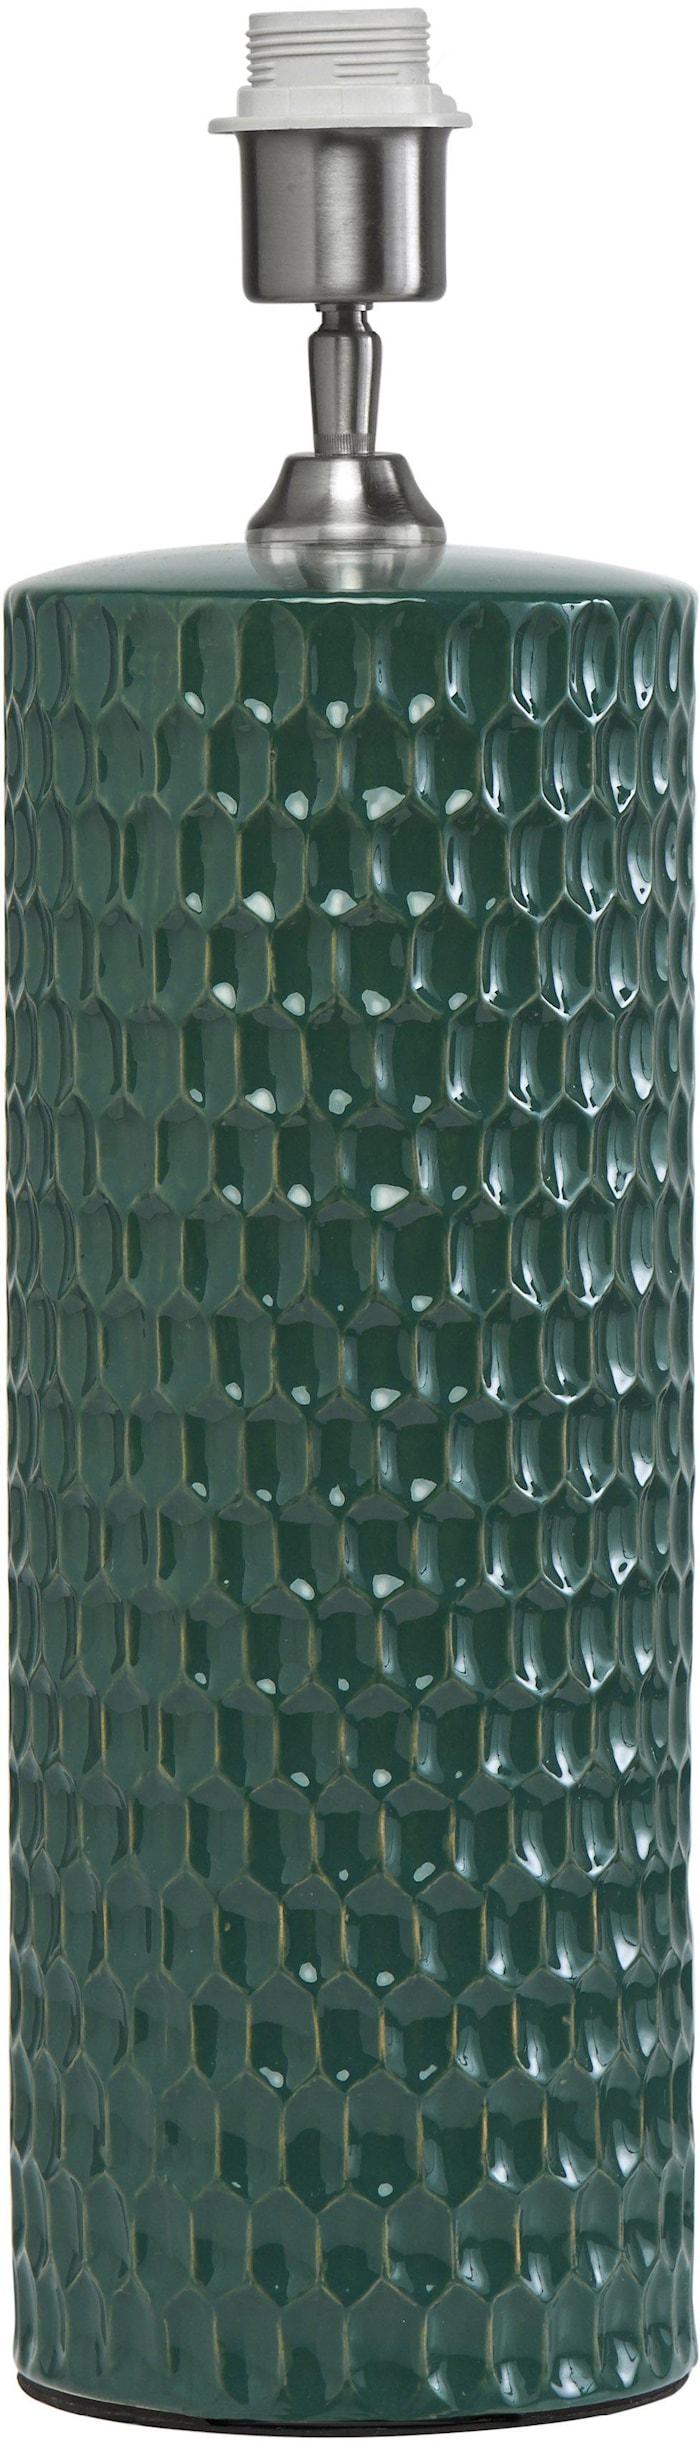 Honeycomb Lampefot Grønn 52cm